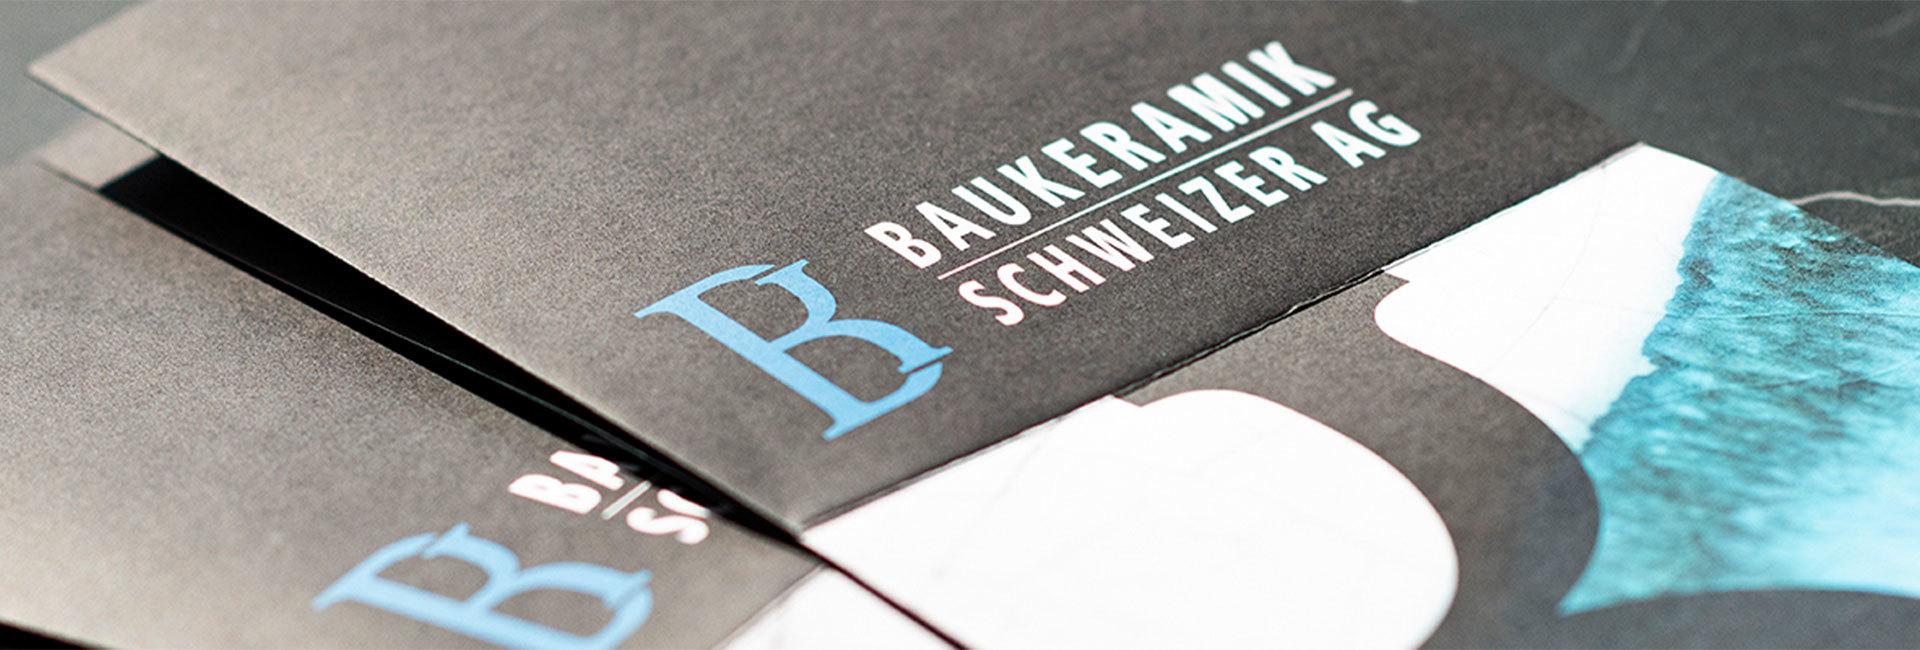 Impressum - Baukeramik Schweizer AG